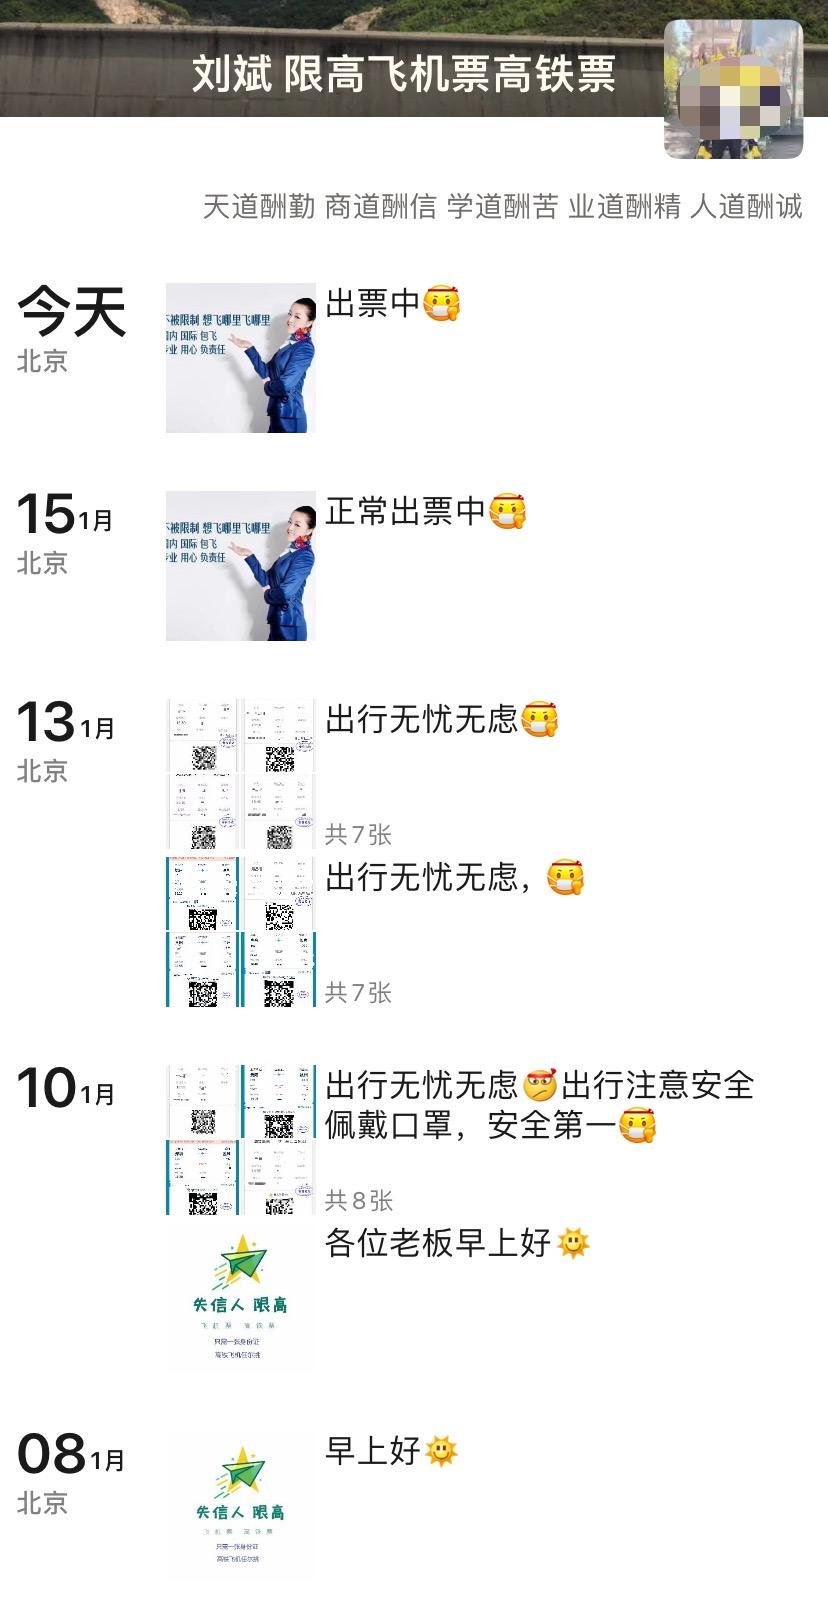 """微信账号名为""""刘斌-限高飞机票高铁票""""的""""黄牛""""也提供订机票的服务,并直接将自己的账户名关联上所做的生意。"""